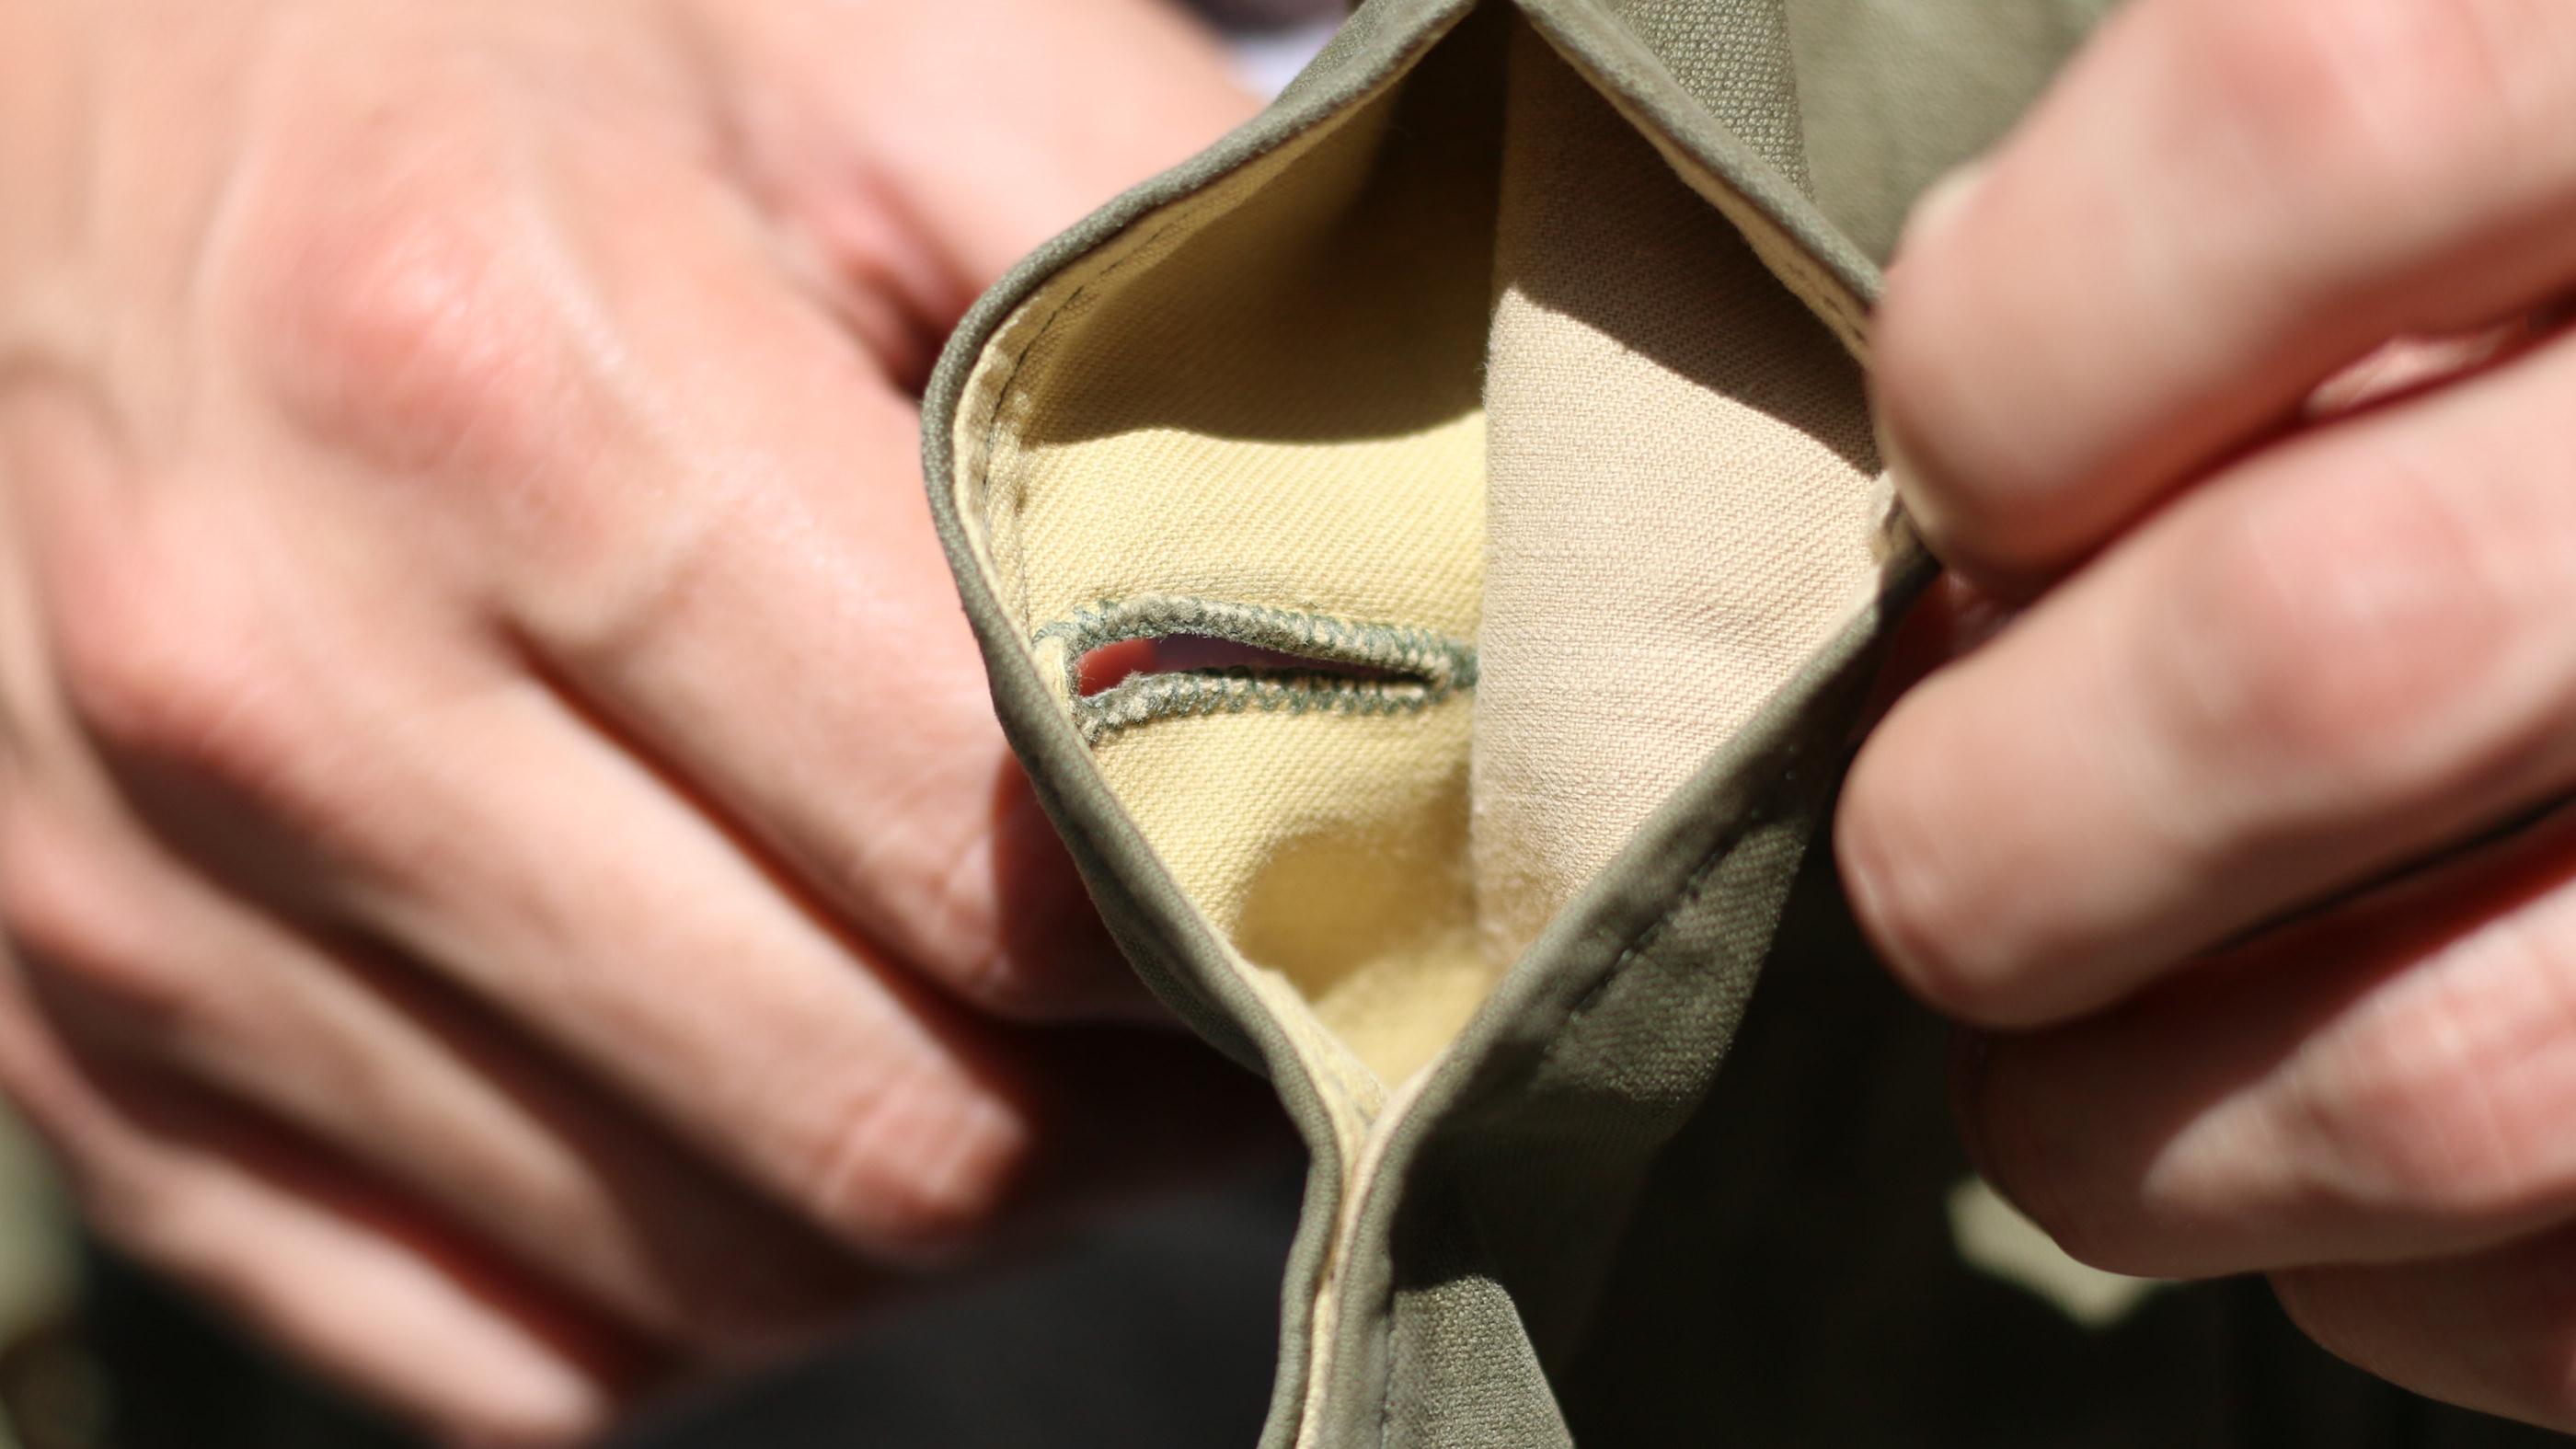 boutonnieres veste m43 m-1943 field jacket